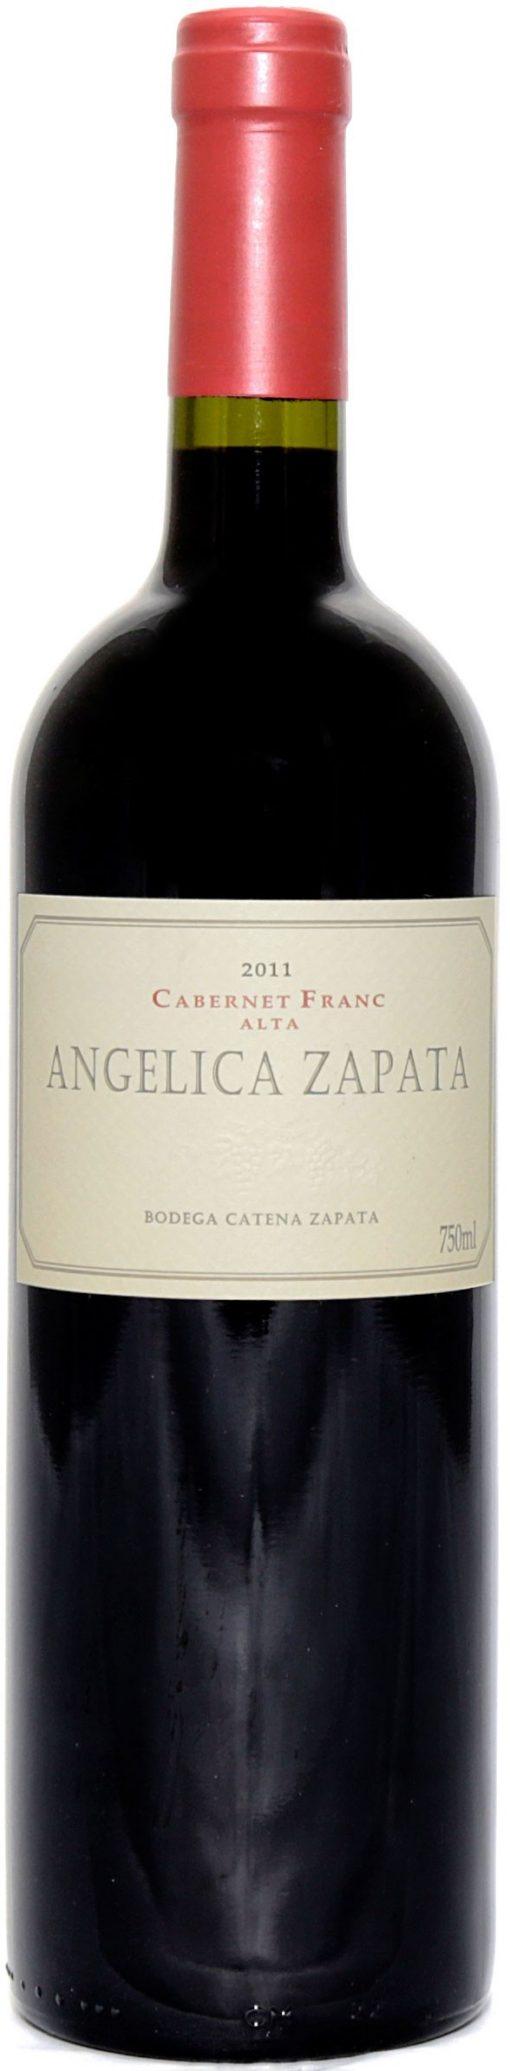 Angelica Zapata Cabernet Franc Alta